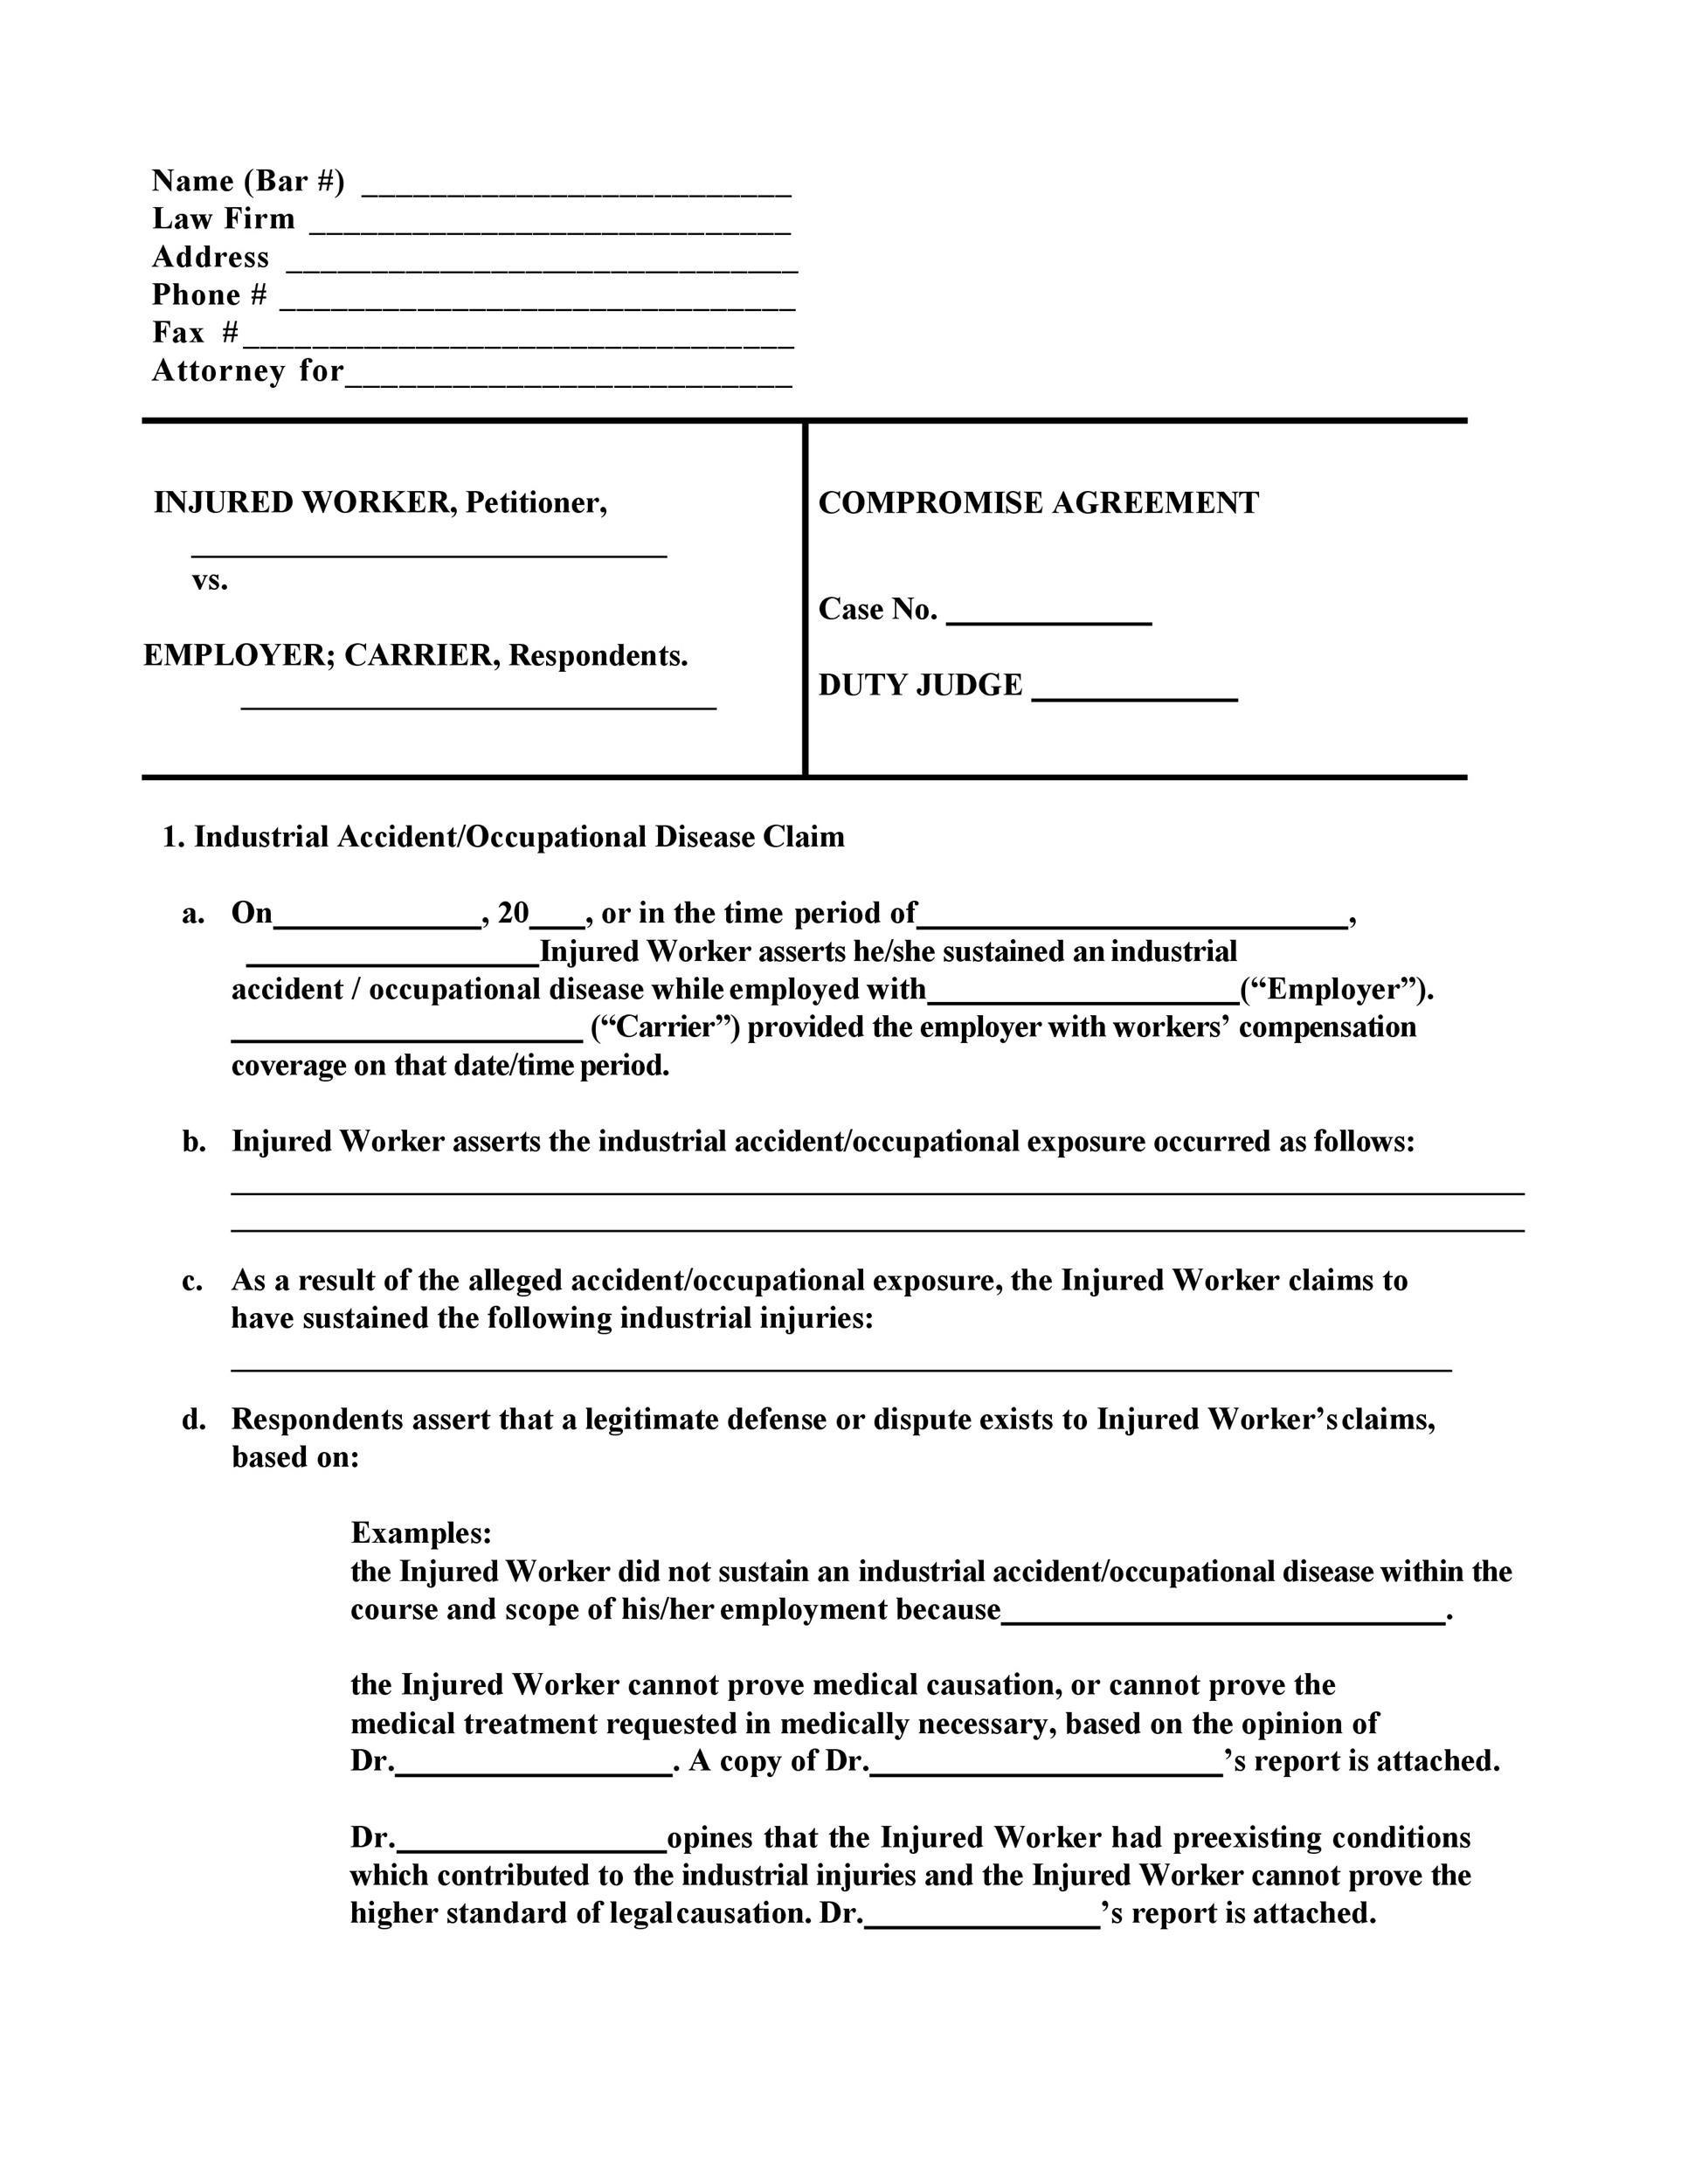 Free settlement agreement 40